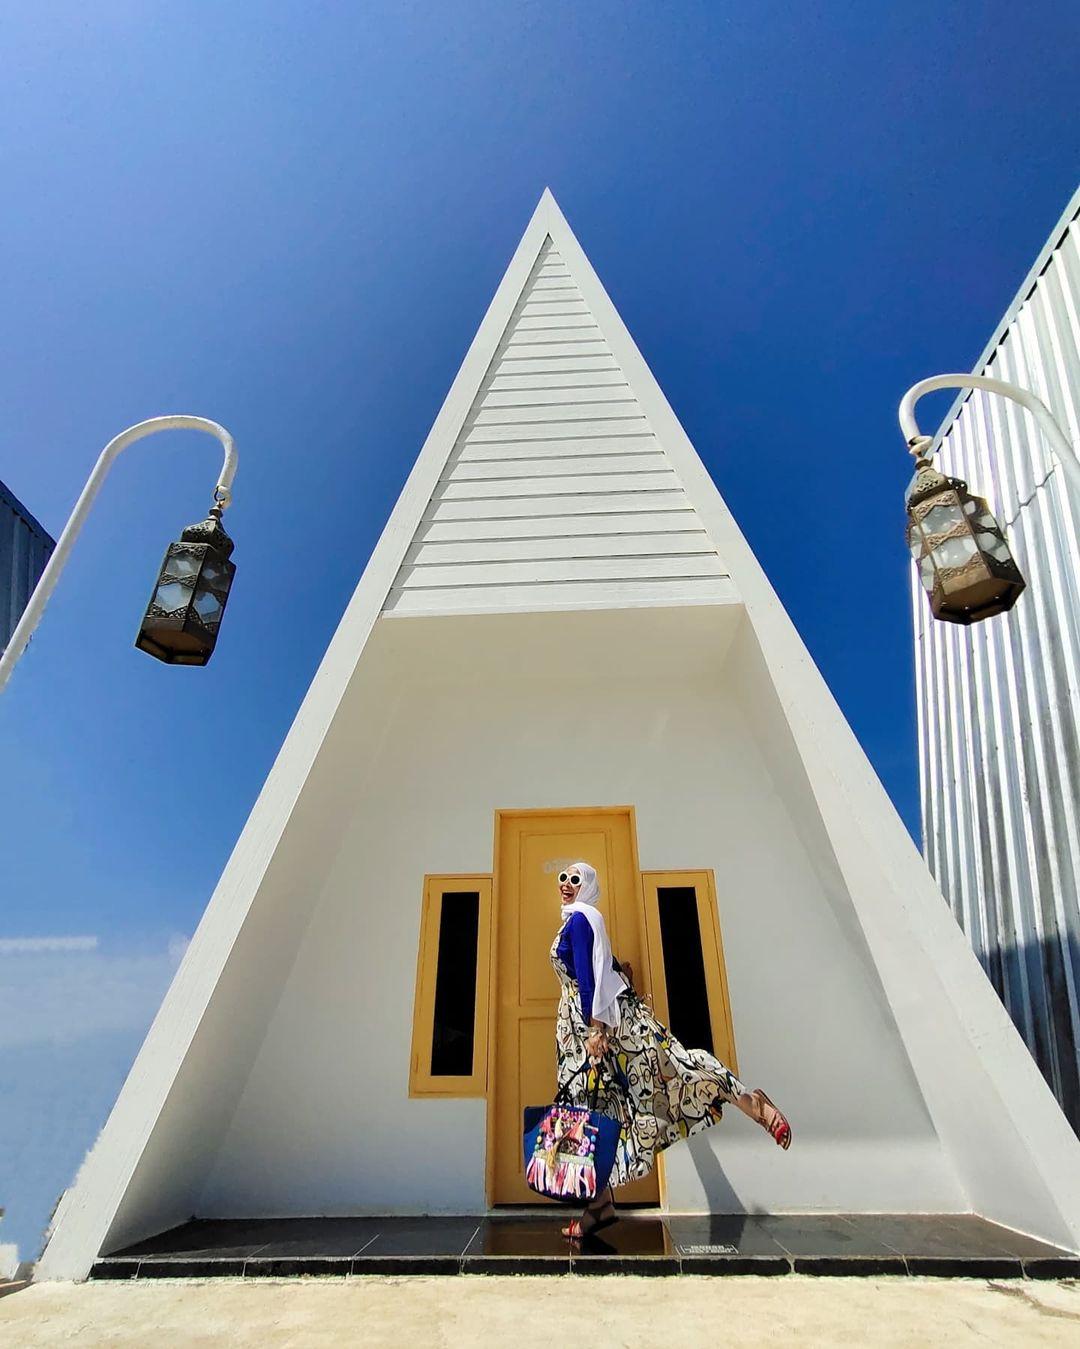 Berfoto Di Depan Bangunan Di Karang Potong Cianjur Image From @ligar_elgi